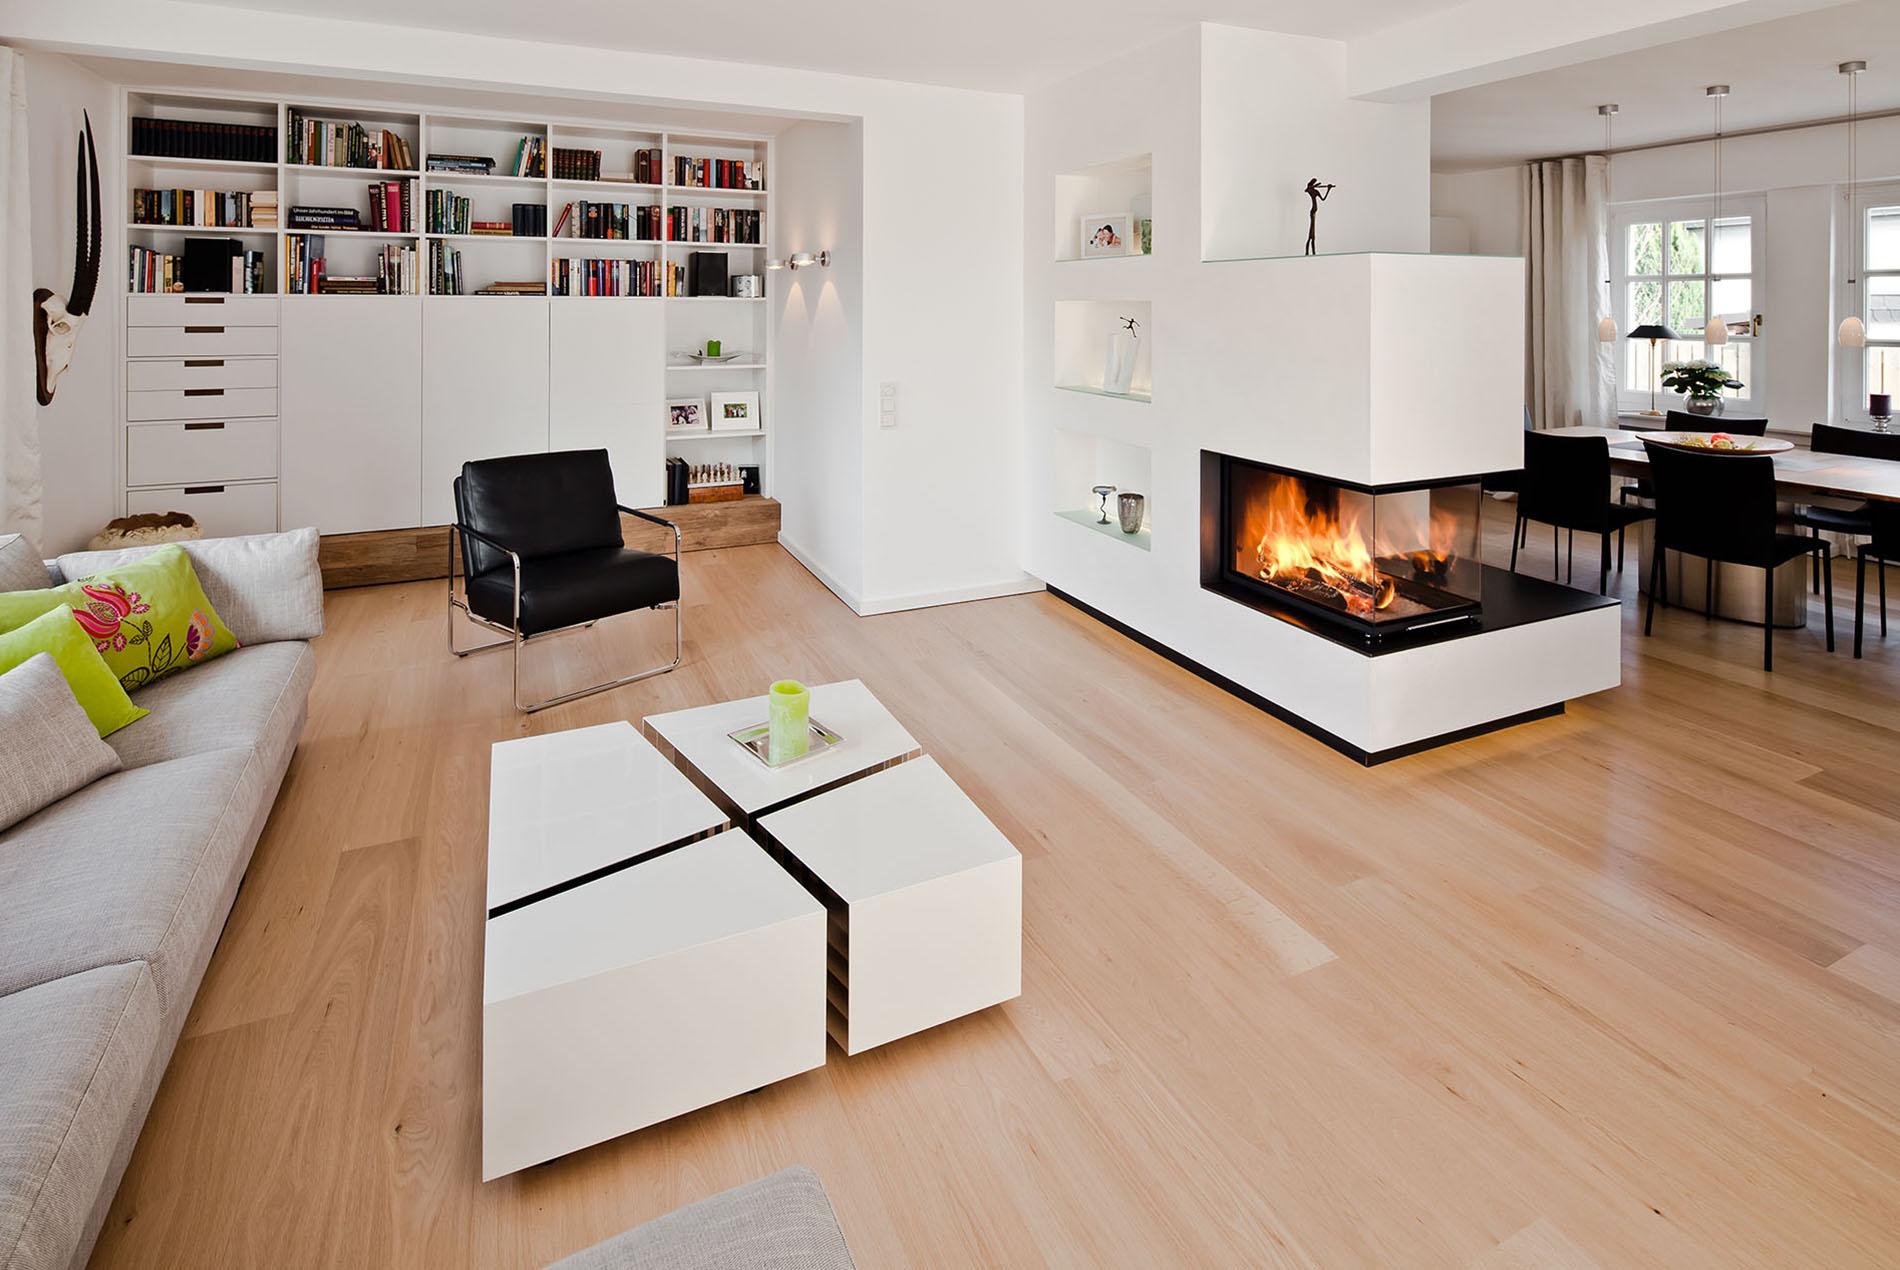 Offenes Wohn Esszimmer Mit Kamin Schopker Holz Wohn Form Gmbh